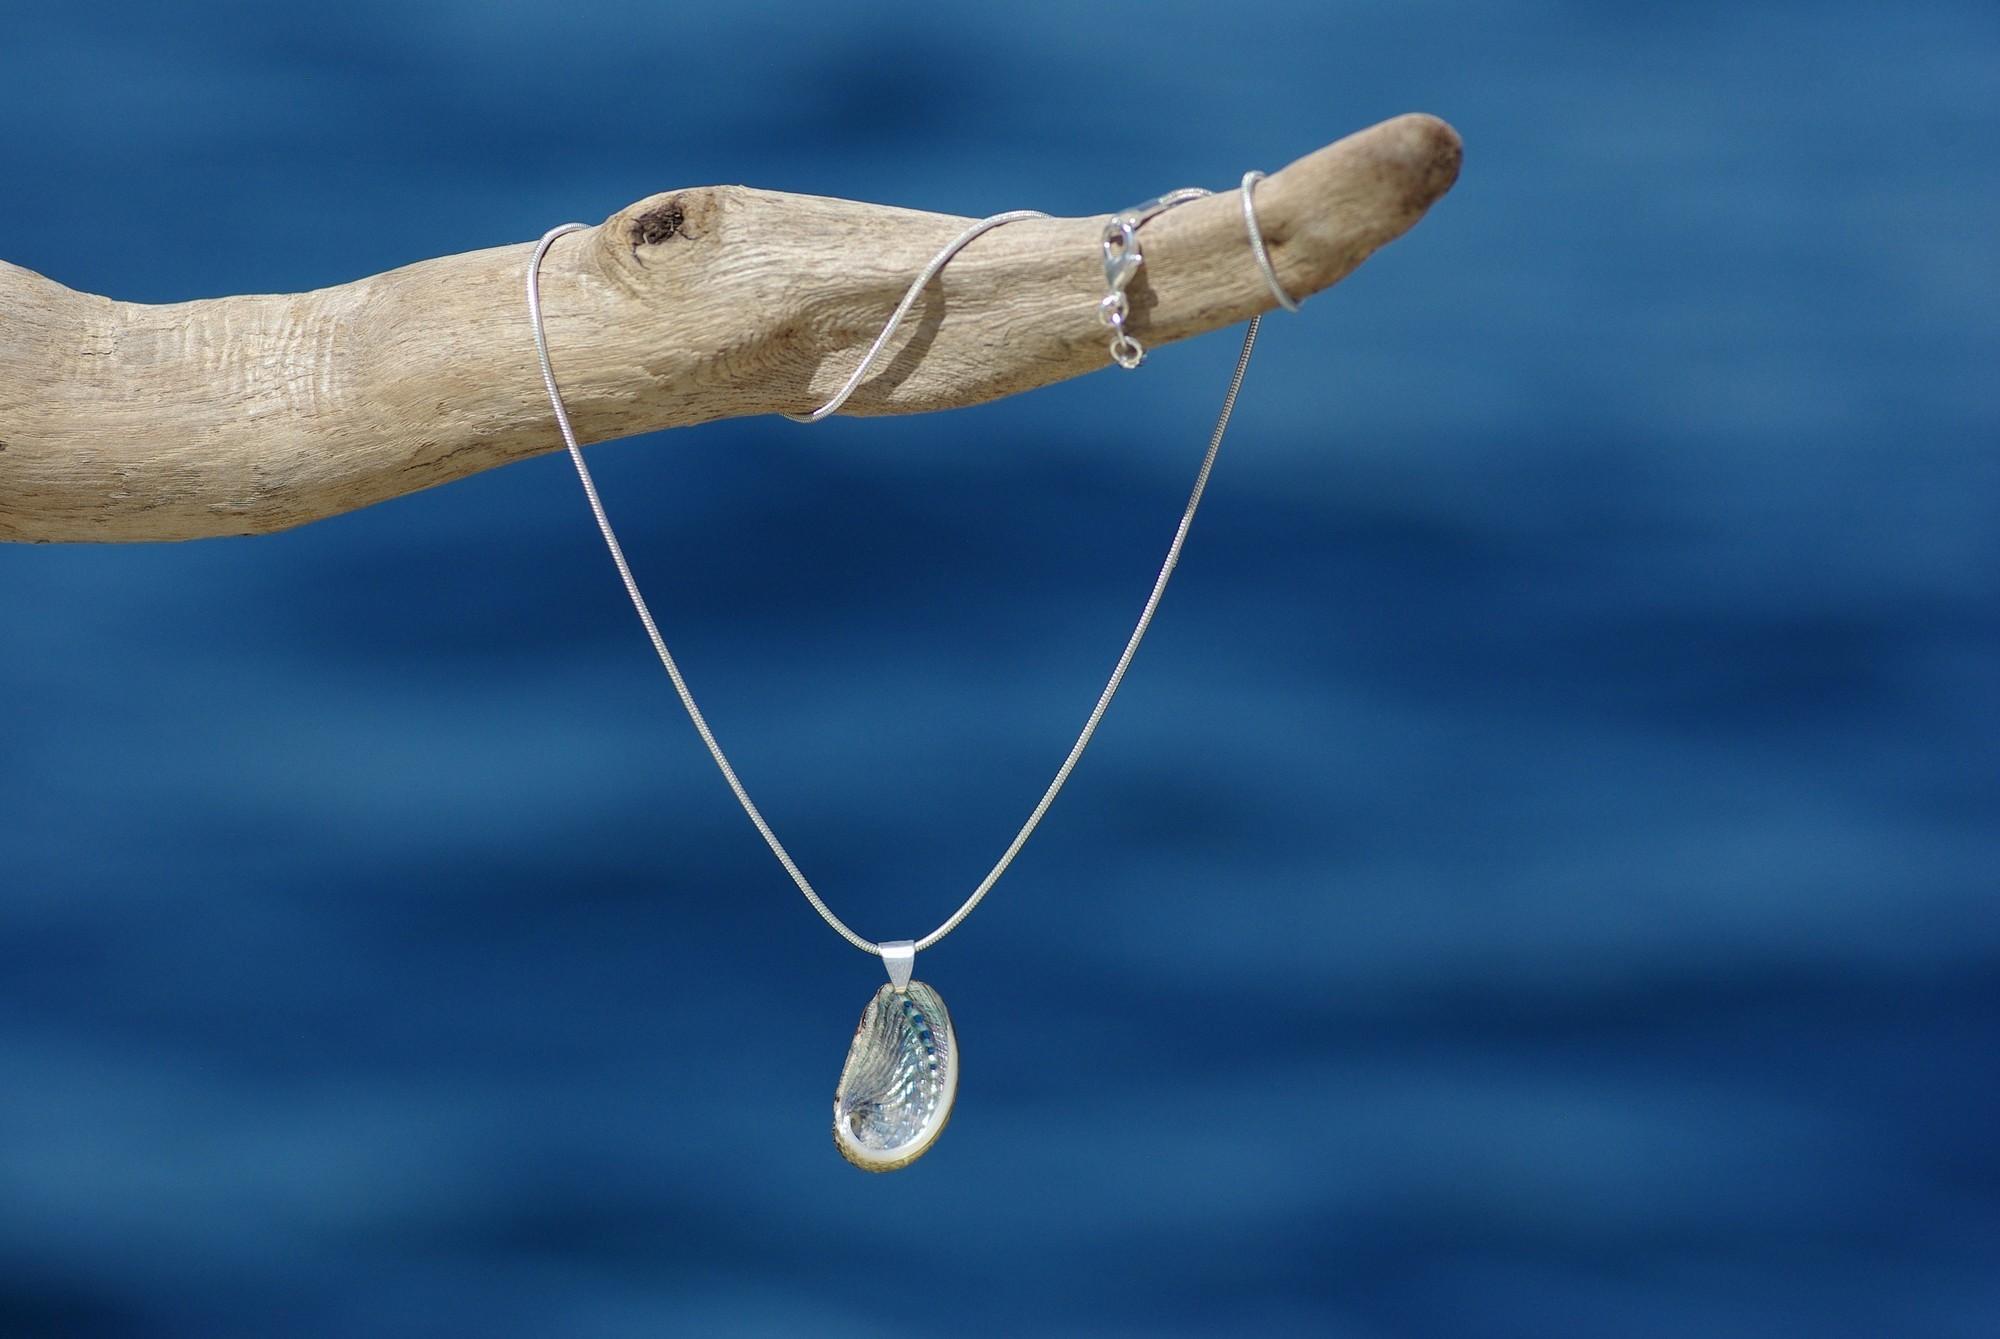 ormeau à la nacre très brillante argentée, sur une chaîne argentée, supendu devant la mer